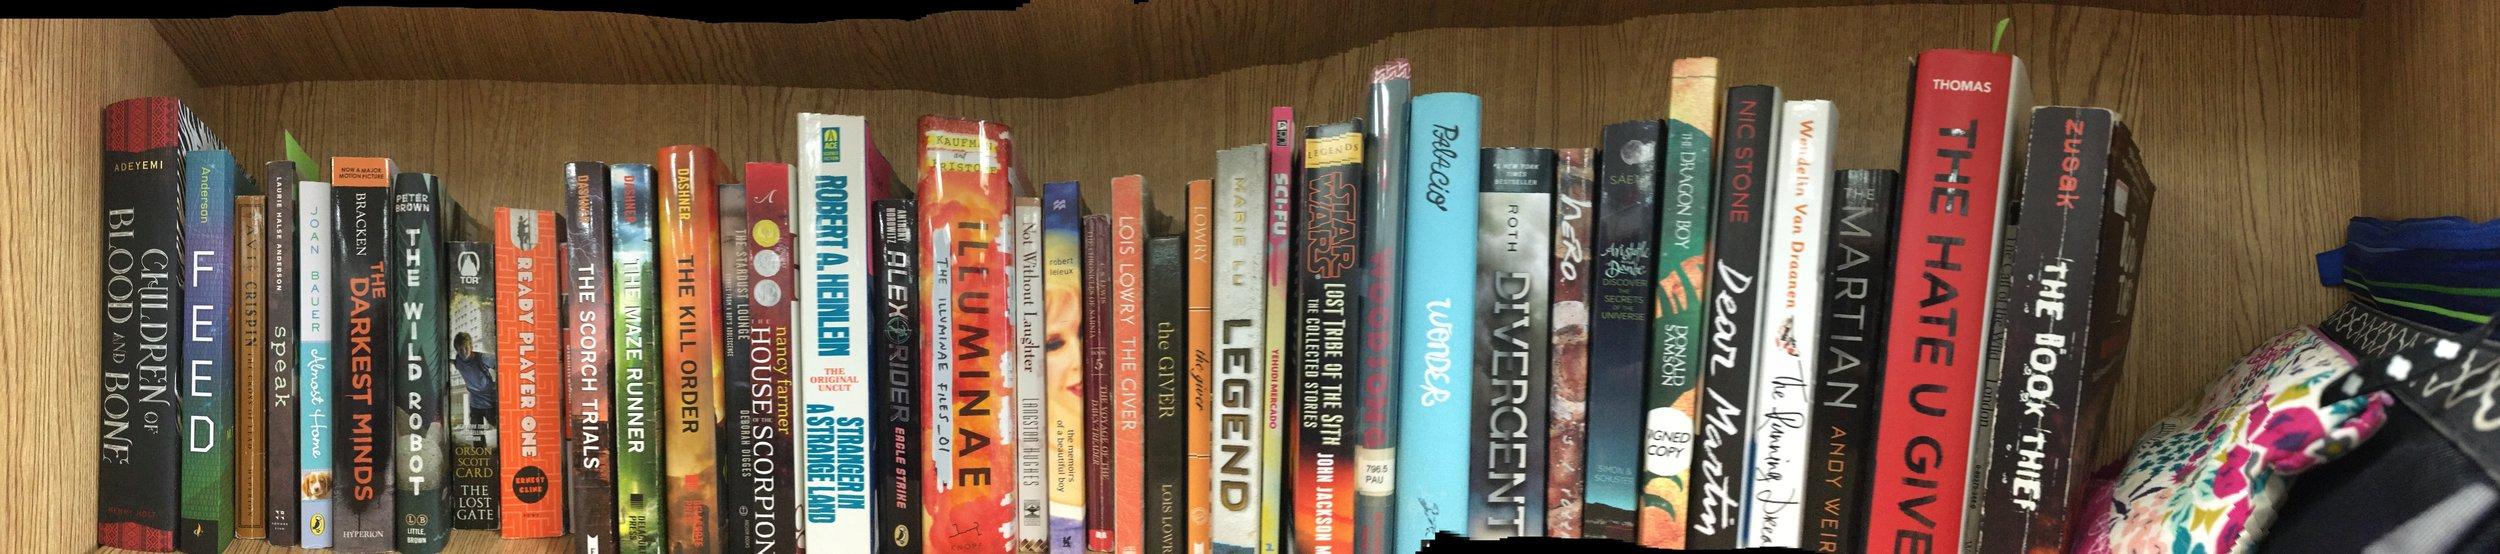 bookshelf panorama.JPG